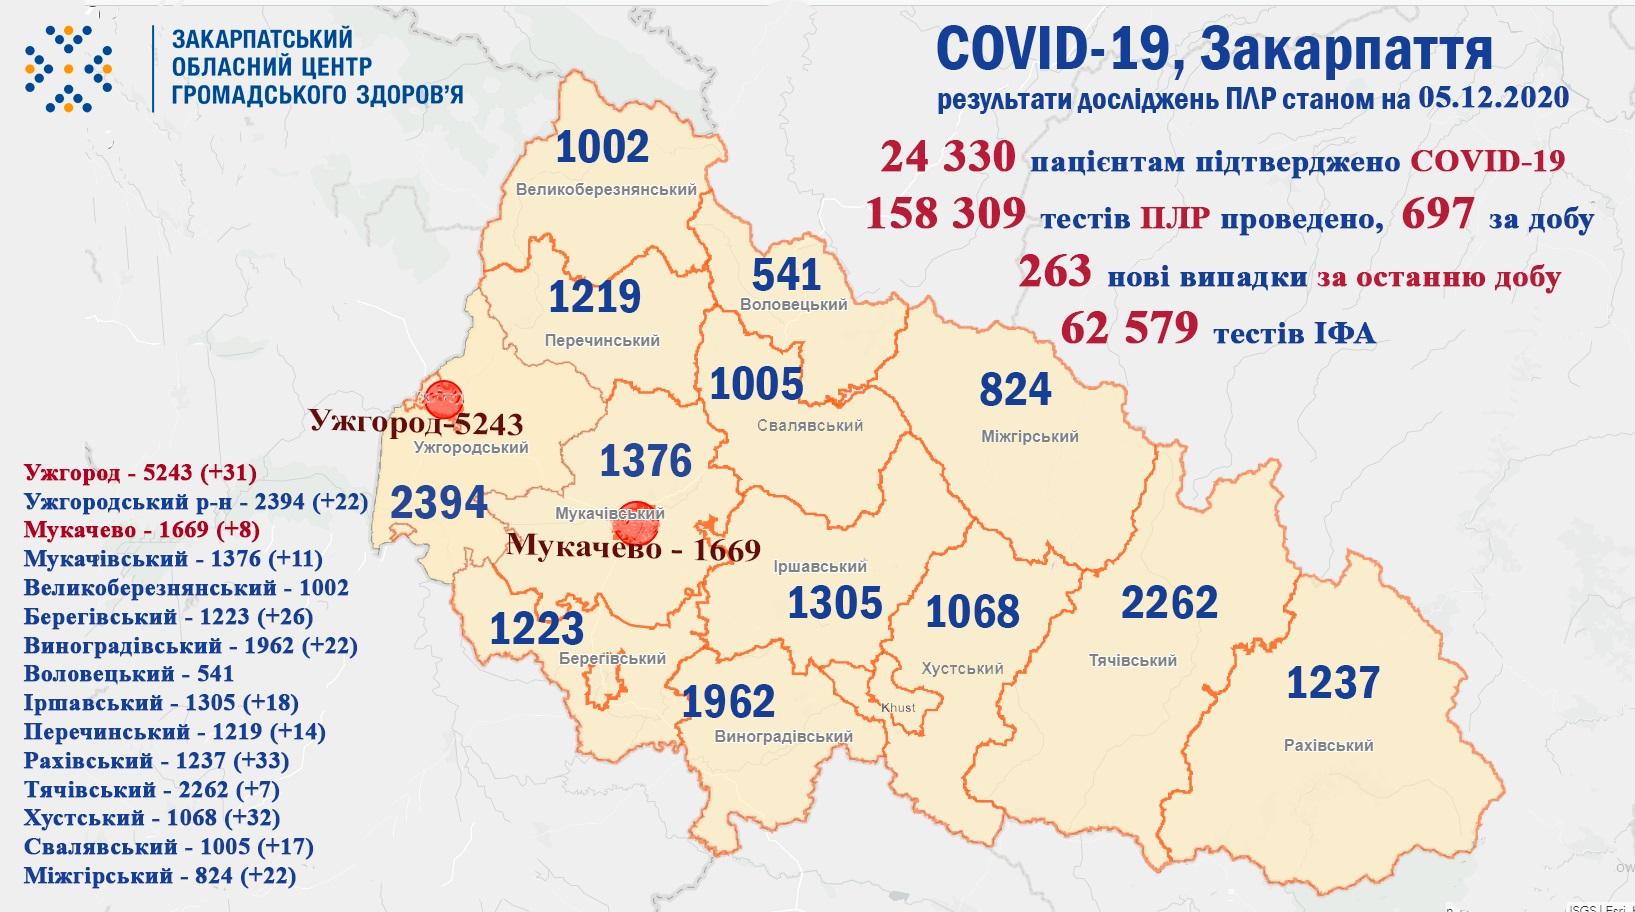 263 випадки COVID-19 виявлено на Закарпатті за добу та 4 пацієнтів померло